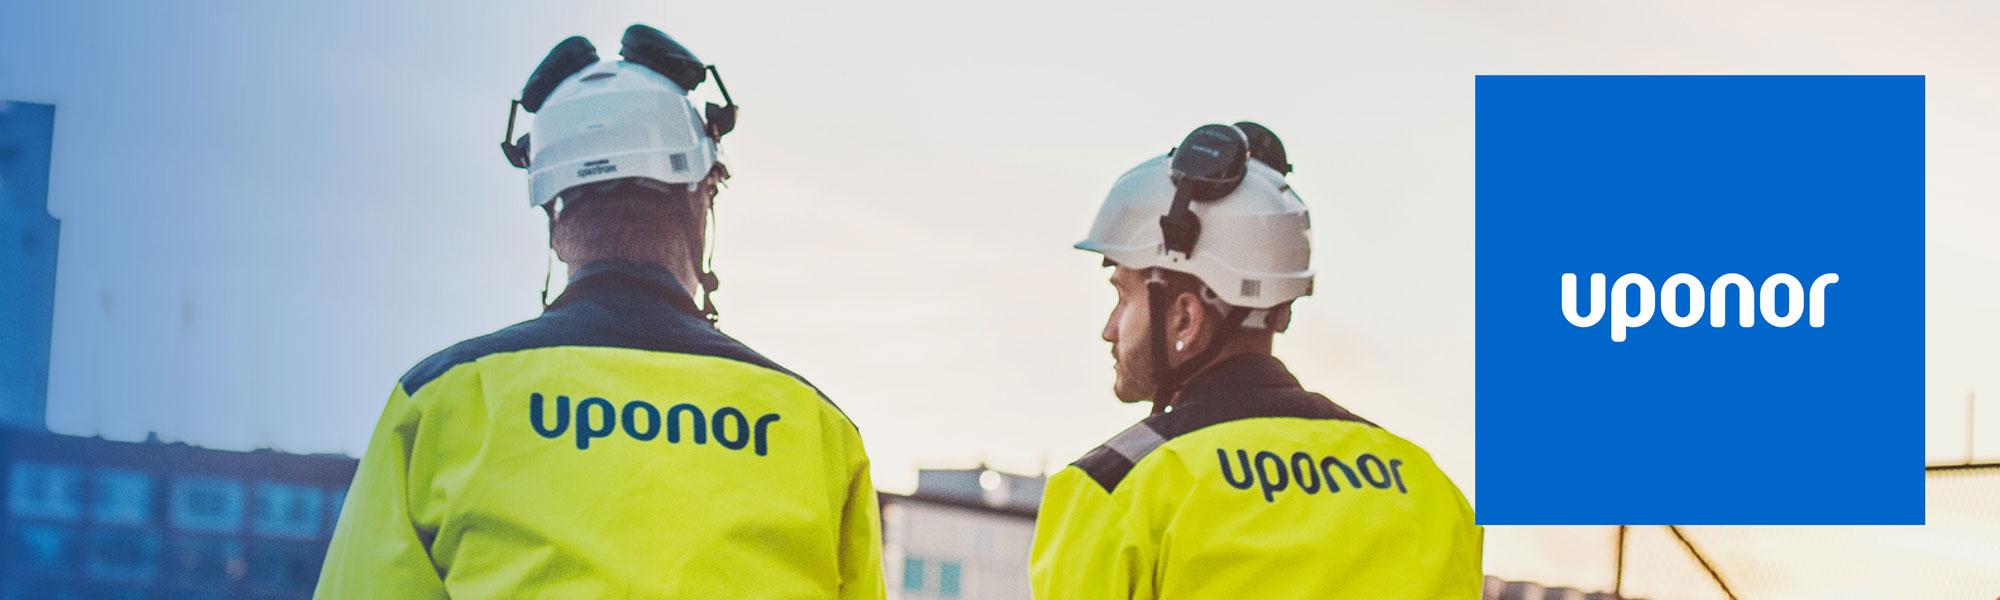 Uponor: Europaweit einheitlich kommunizieren